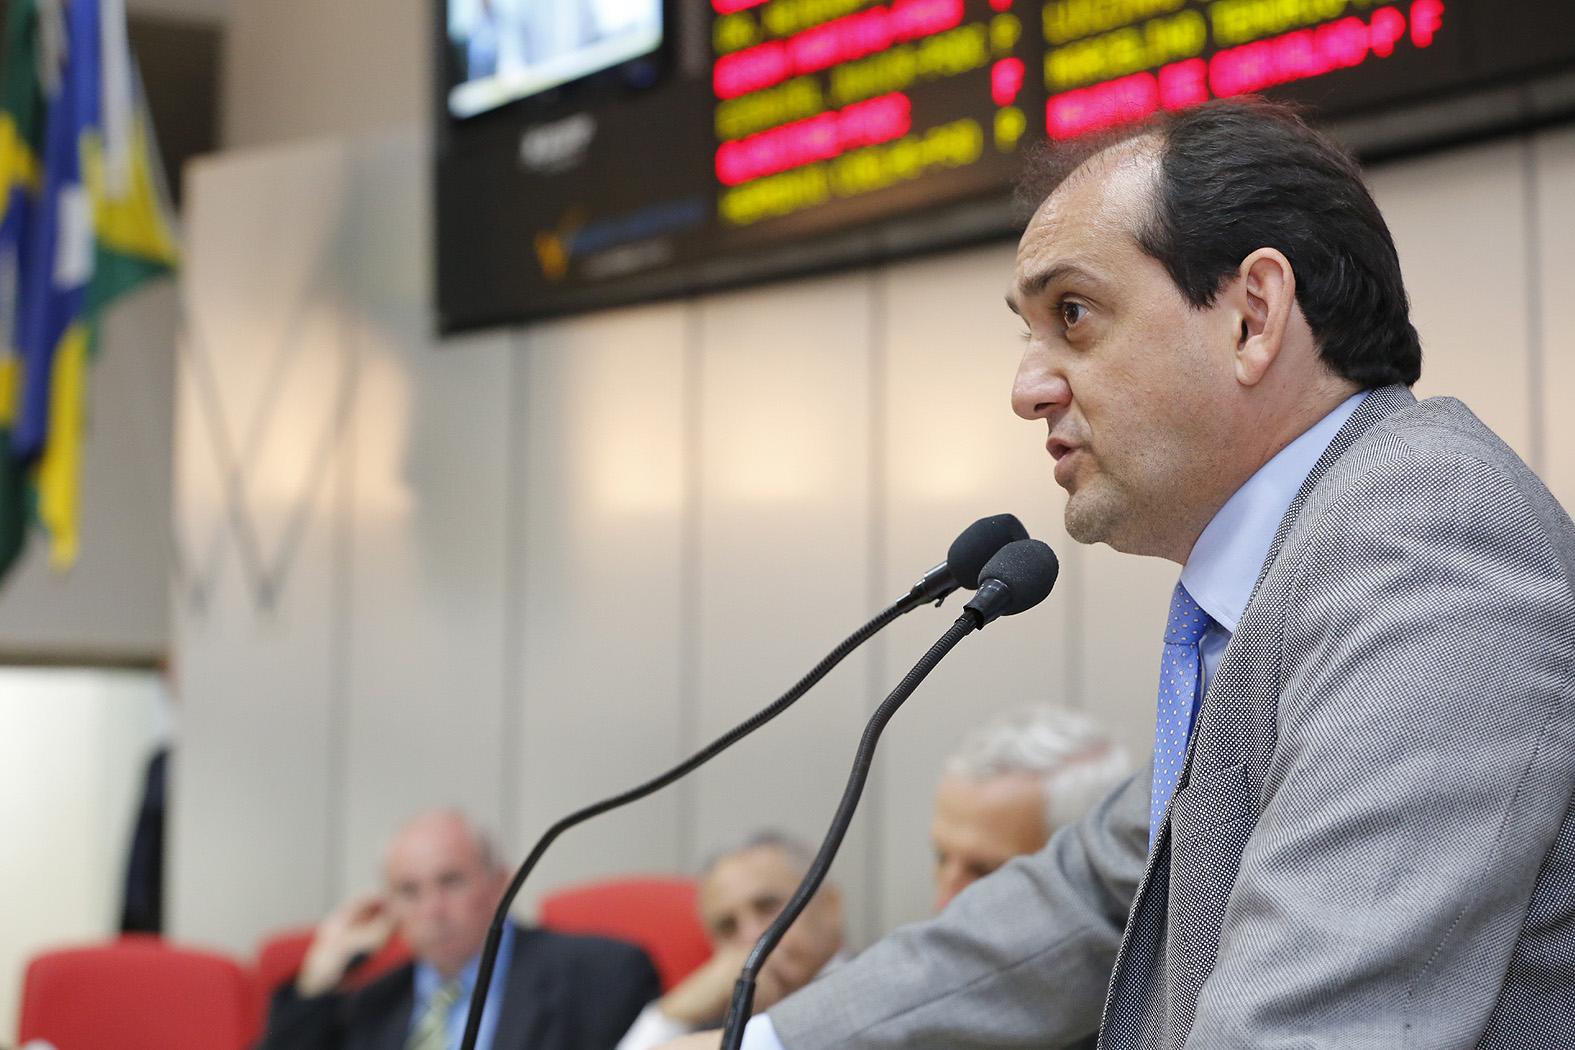 Deputado-Laerte-quer-instituir-do-Dezembro-Laranja-em-Rond_nia-02Dez15-Foto-Jos_-Hilde-Decom-ALE-RO1.jpg